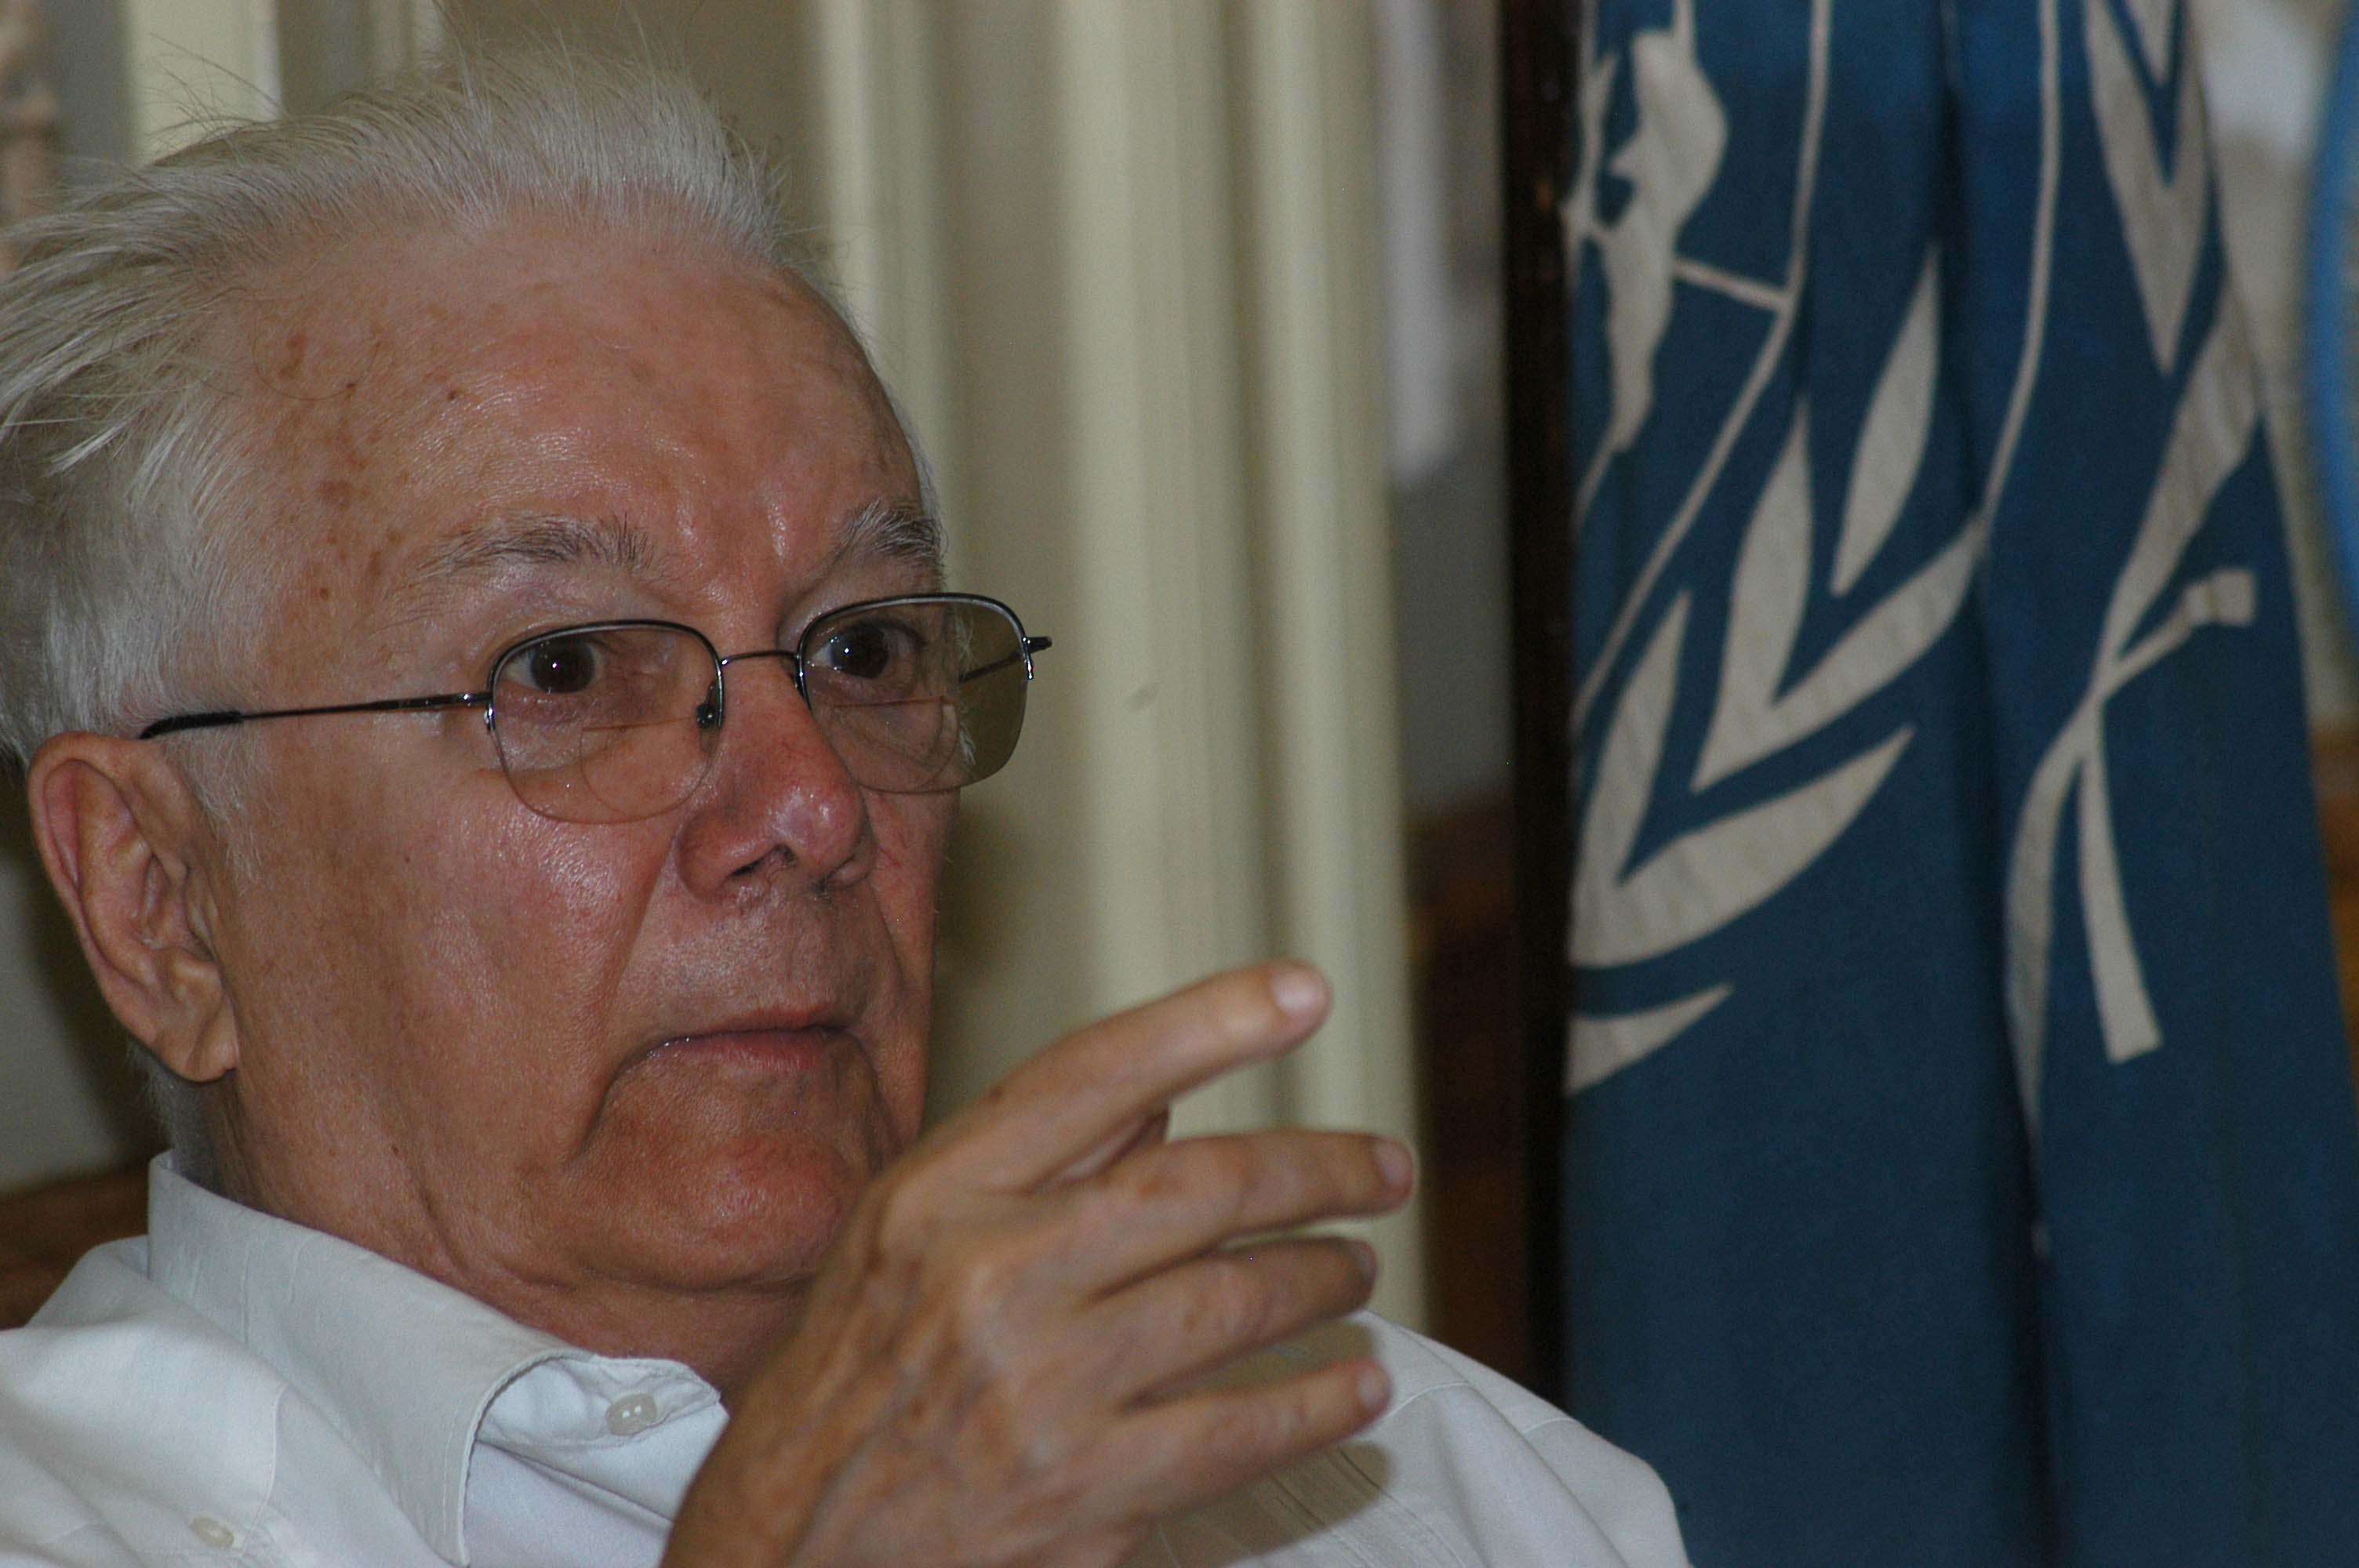 Dedican espacio teórico a la obra del intelectual cubano Armando Hart